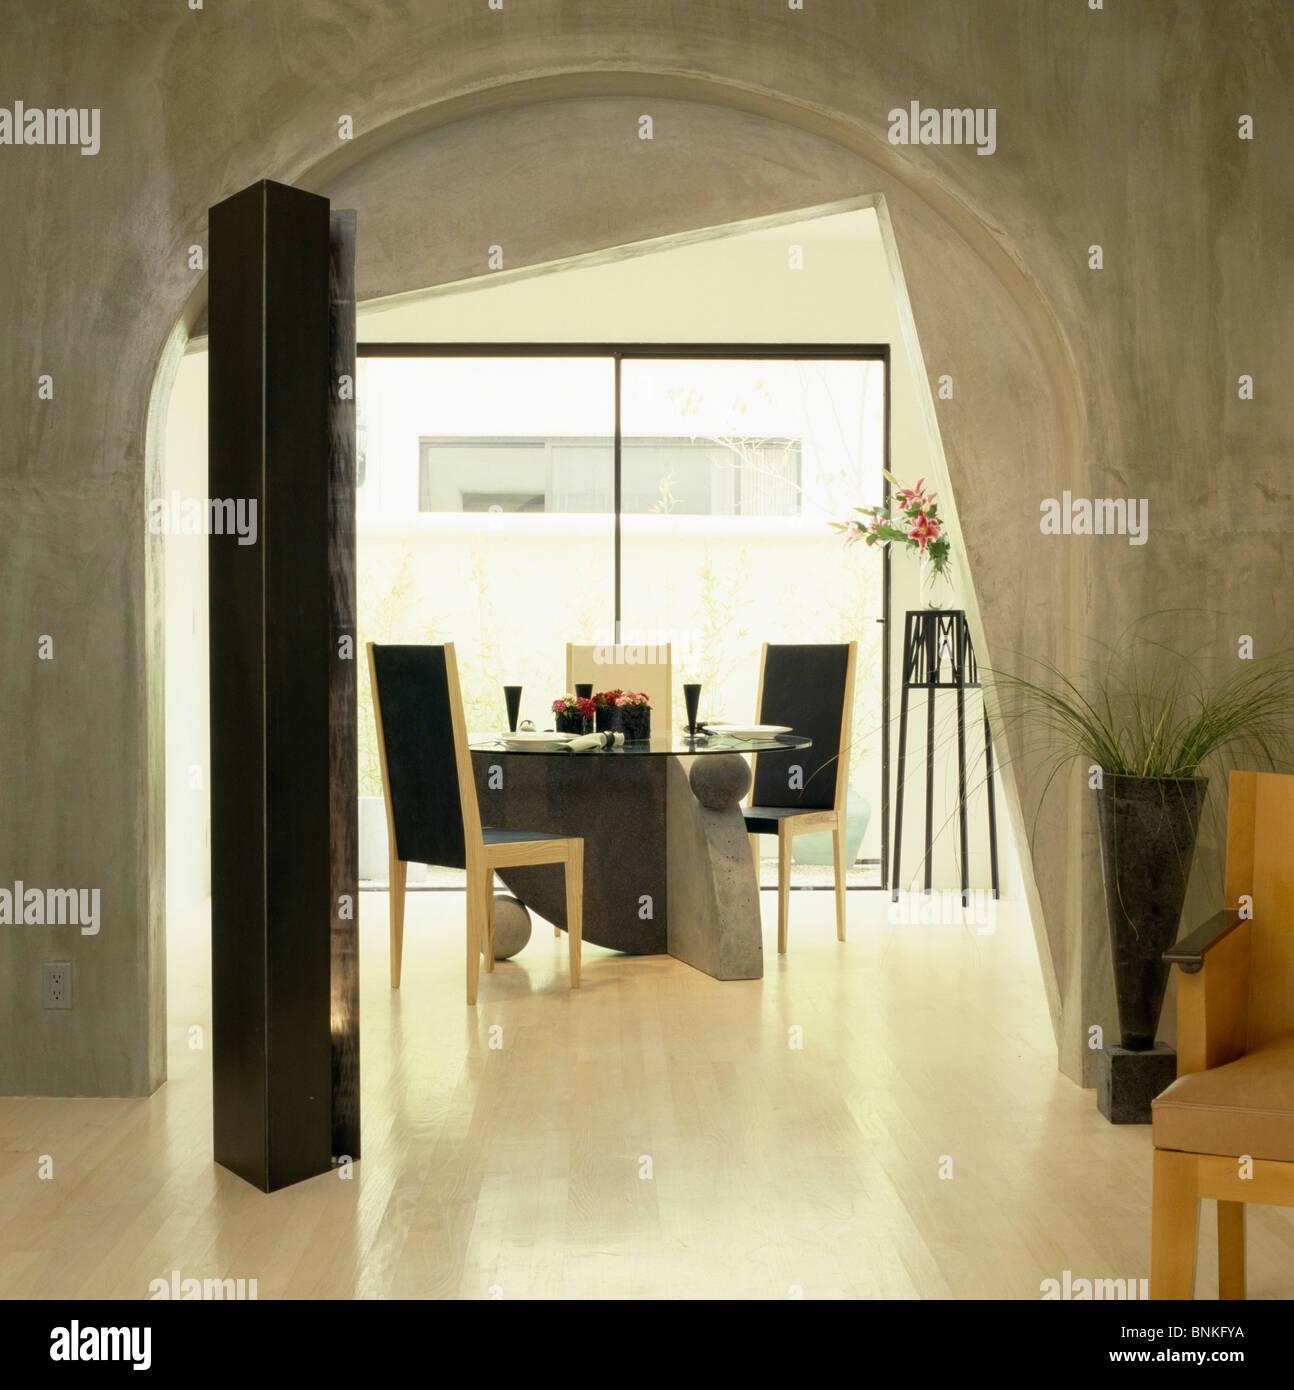 Awesome Mit Stuck Beenden Im Modernen Speisesaal Mit Gebleichten  Eichenboden Und Philippe Starck Costes Sthle With Costes Stuhl